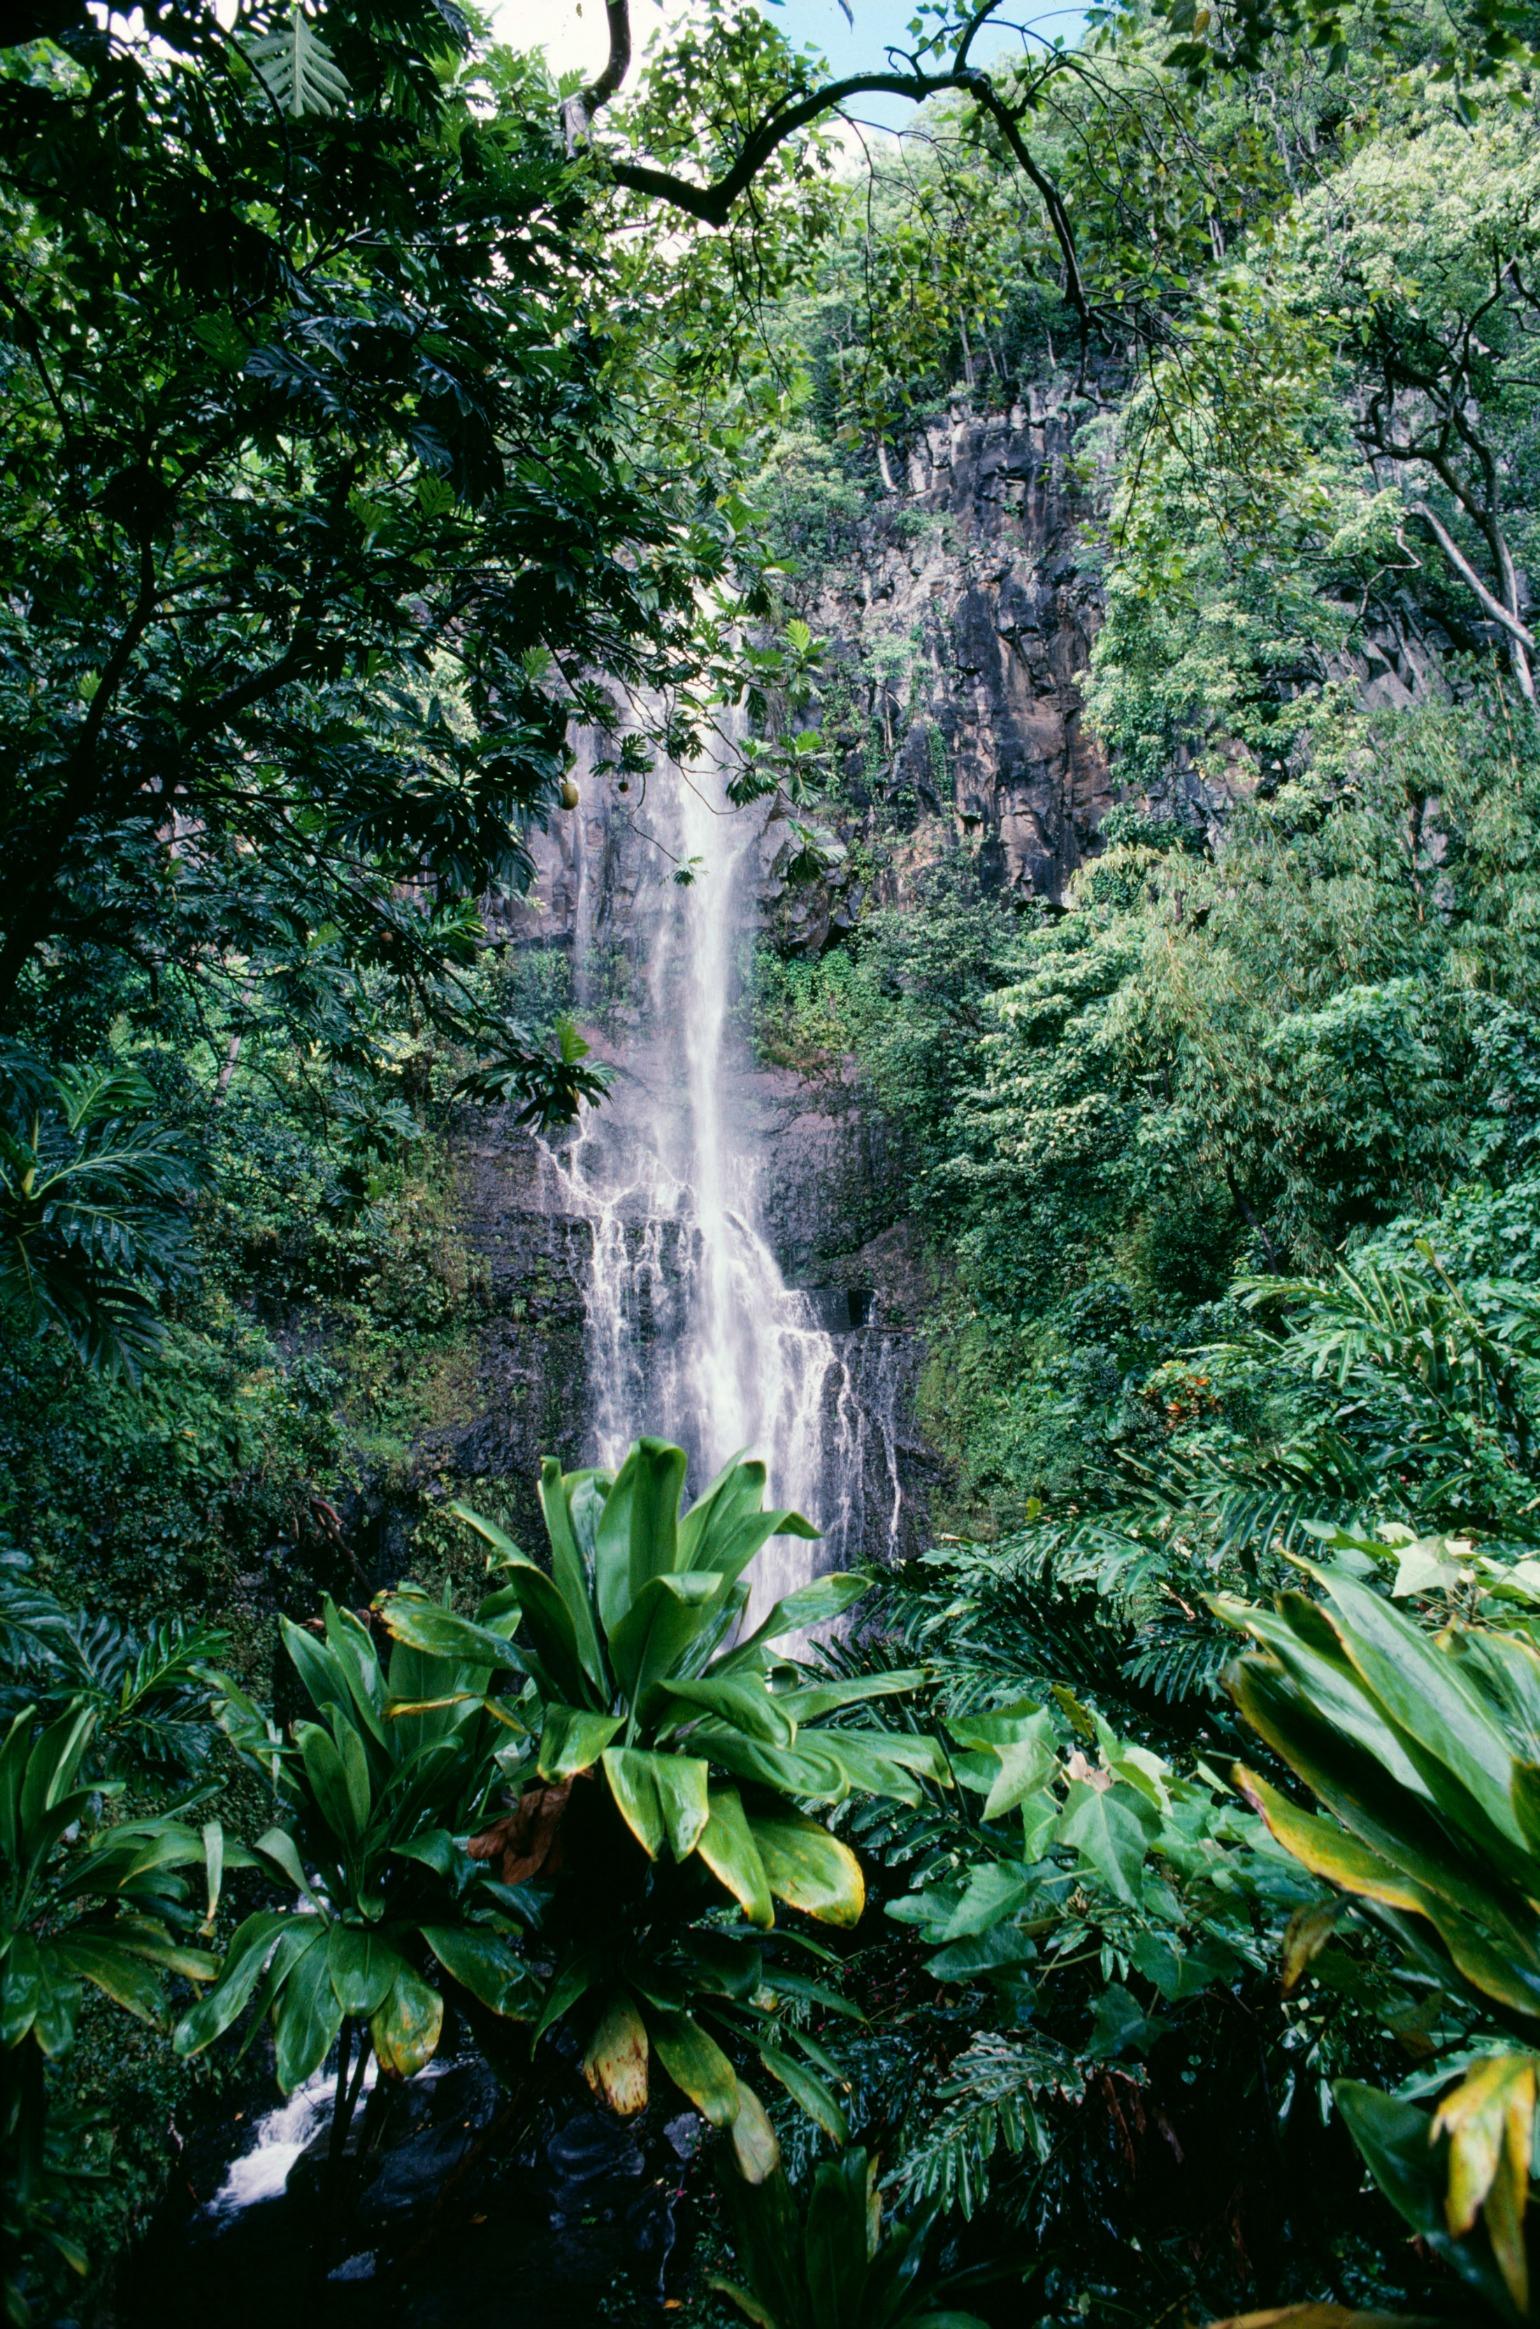 rejsekløe rejseprofiler instagram rejseinsta rejseinstagram hawaii regnskov maui wailua vandfald